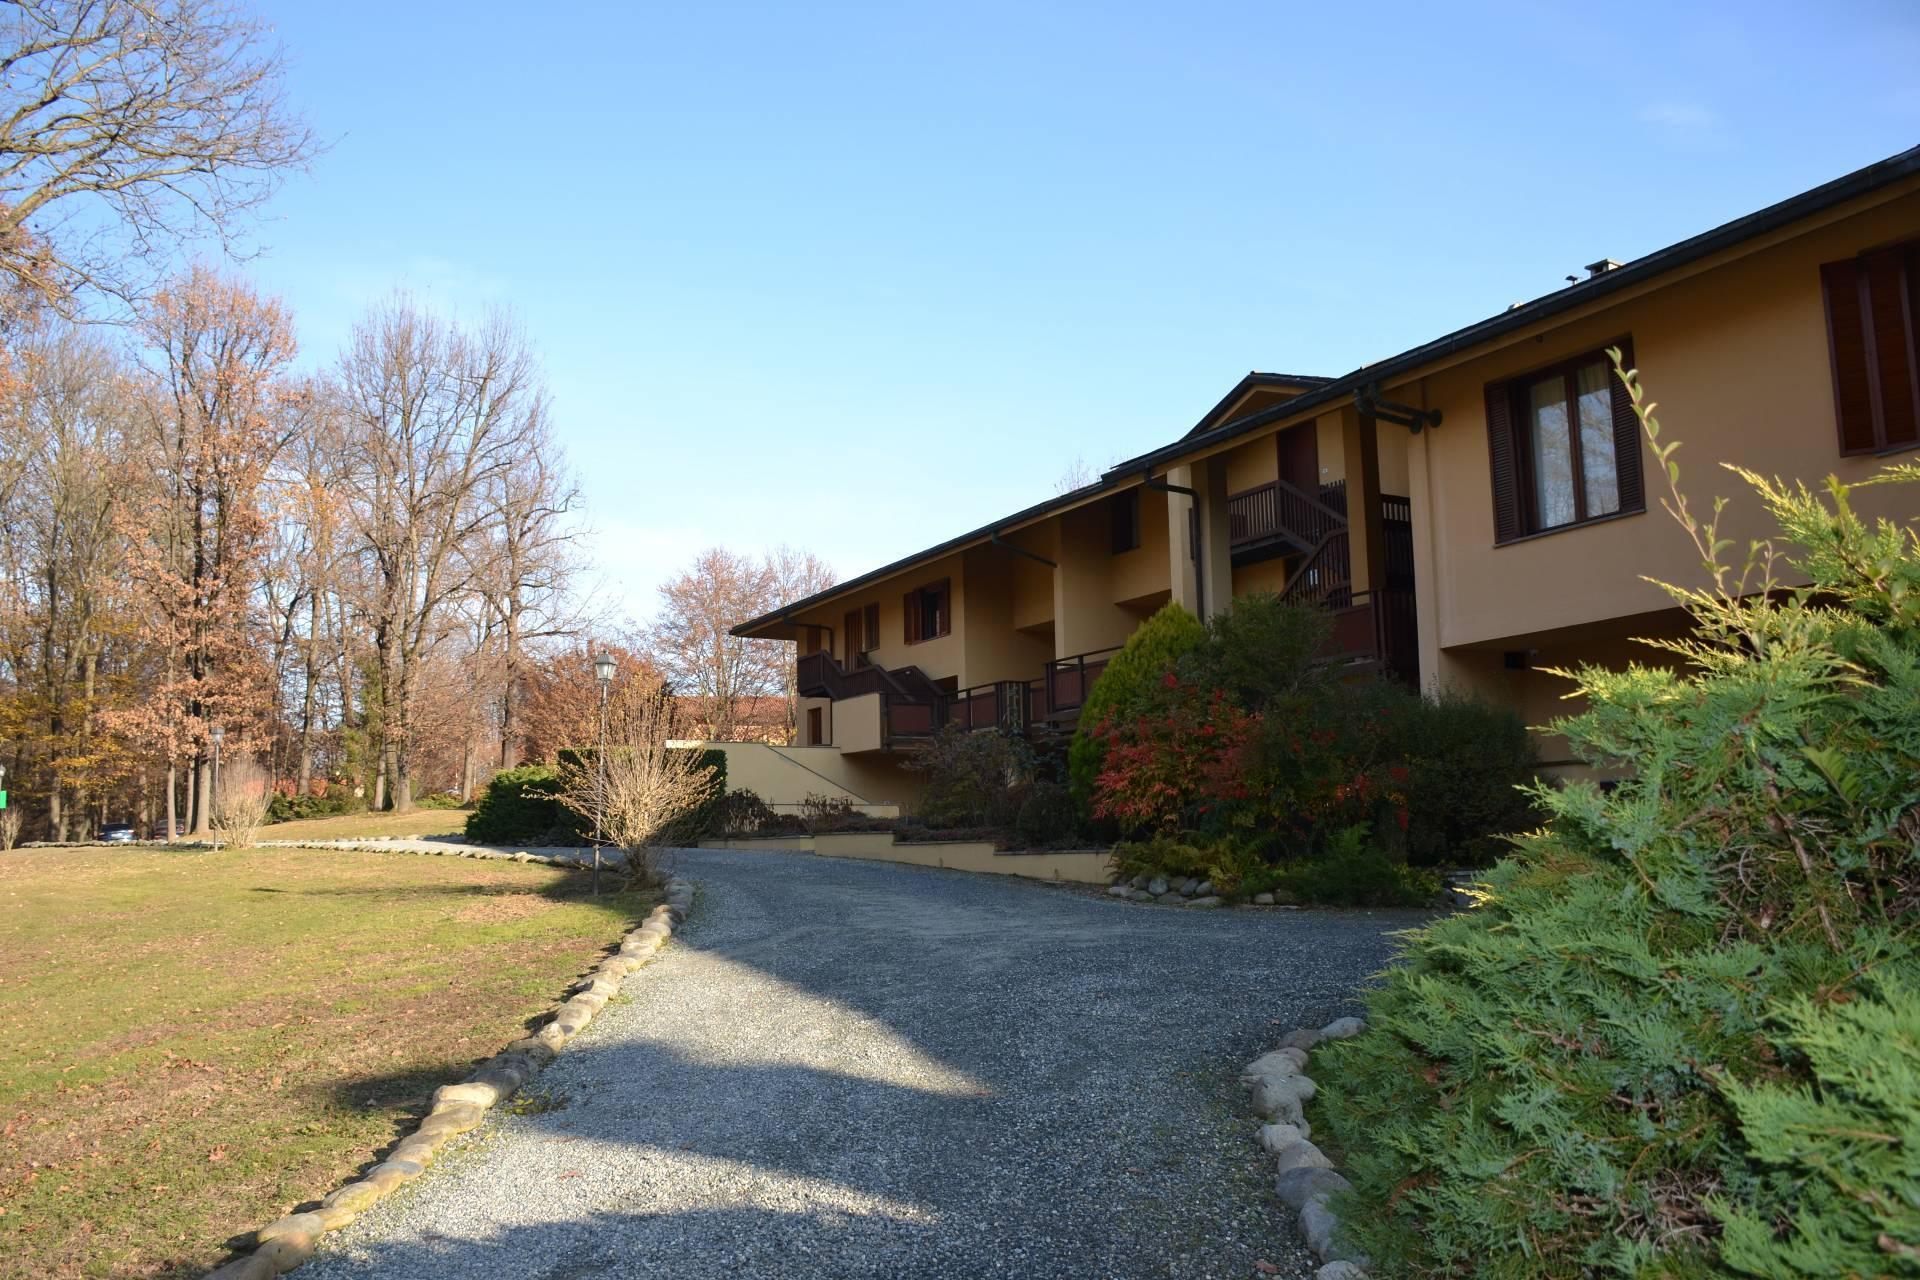 Appartamento in vendita a Fiano, 6 locali, zona Località: 2^Cintura, prezzo € 275.000 | CambioCasa.it